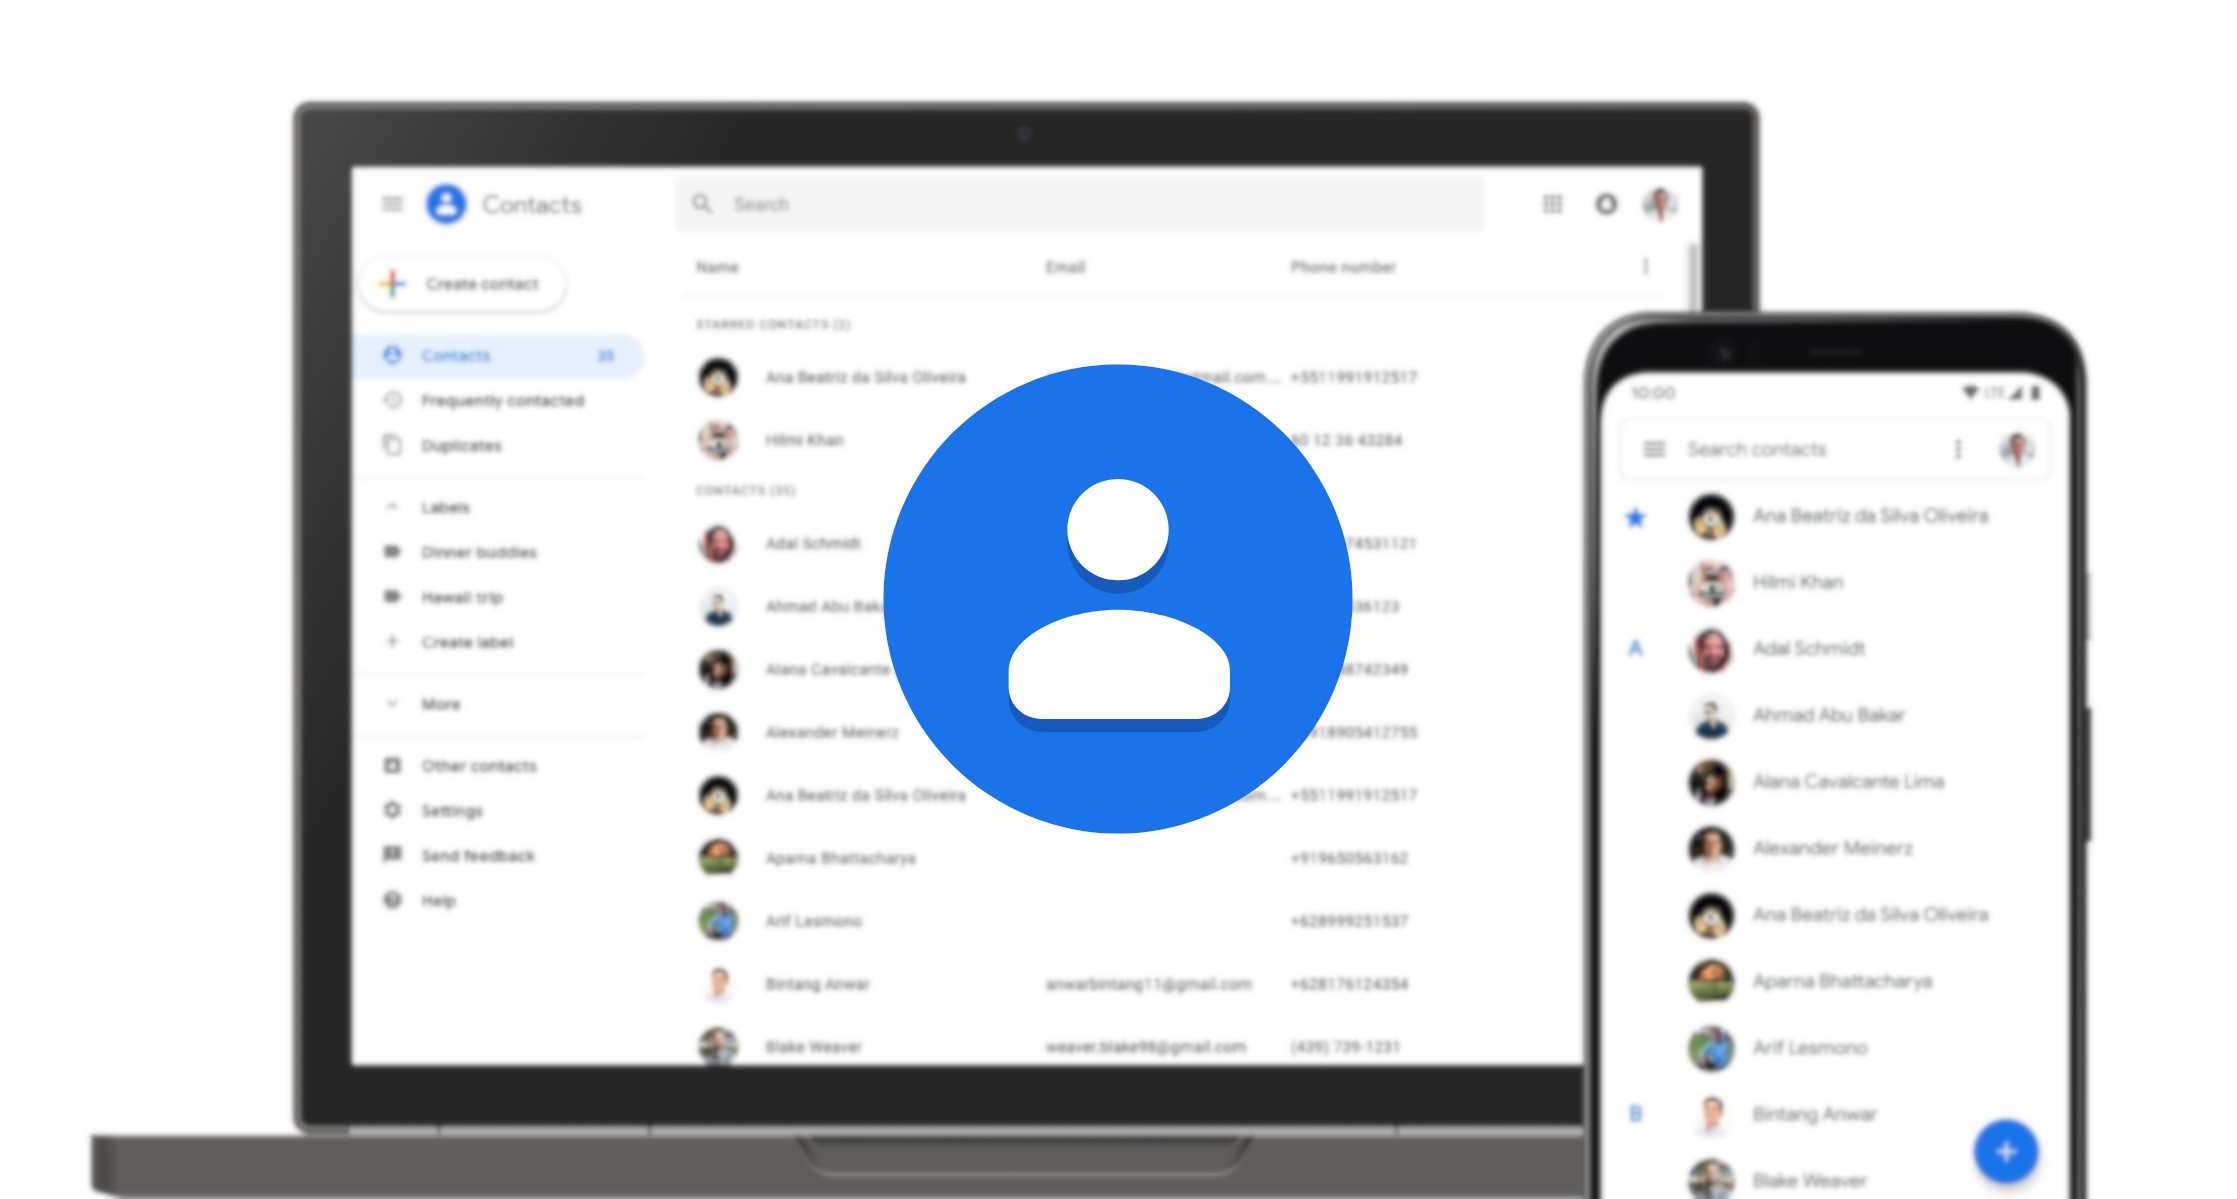 Kontakty Google dostają opcję tworzenia kopii zapasowych numerów zapisanych lokalnie 19